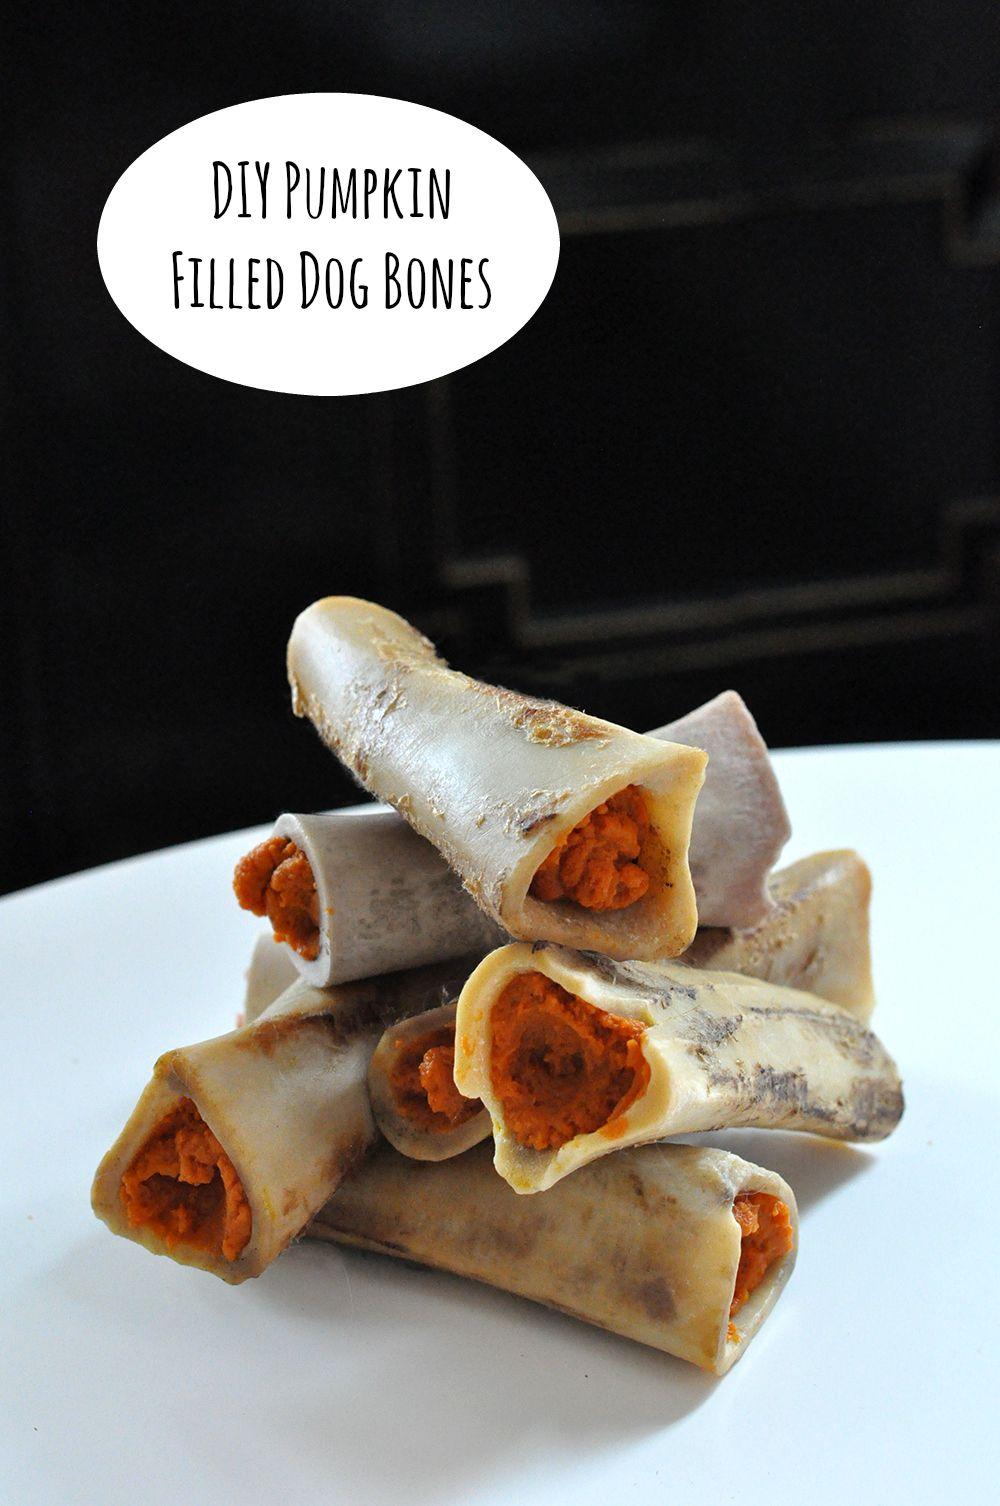 Diy Pumpkin Filled Dog Bones Dog Food Recipes Dog Bone Filling